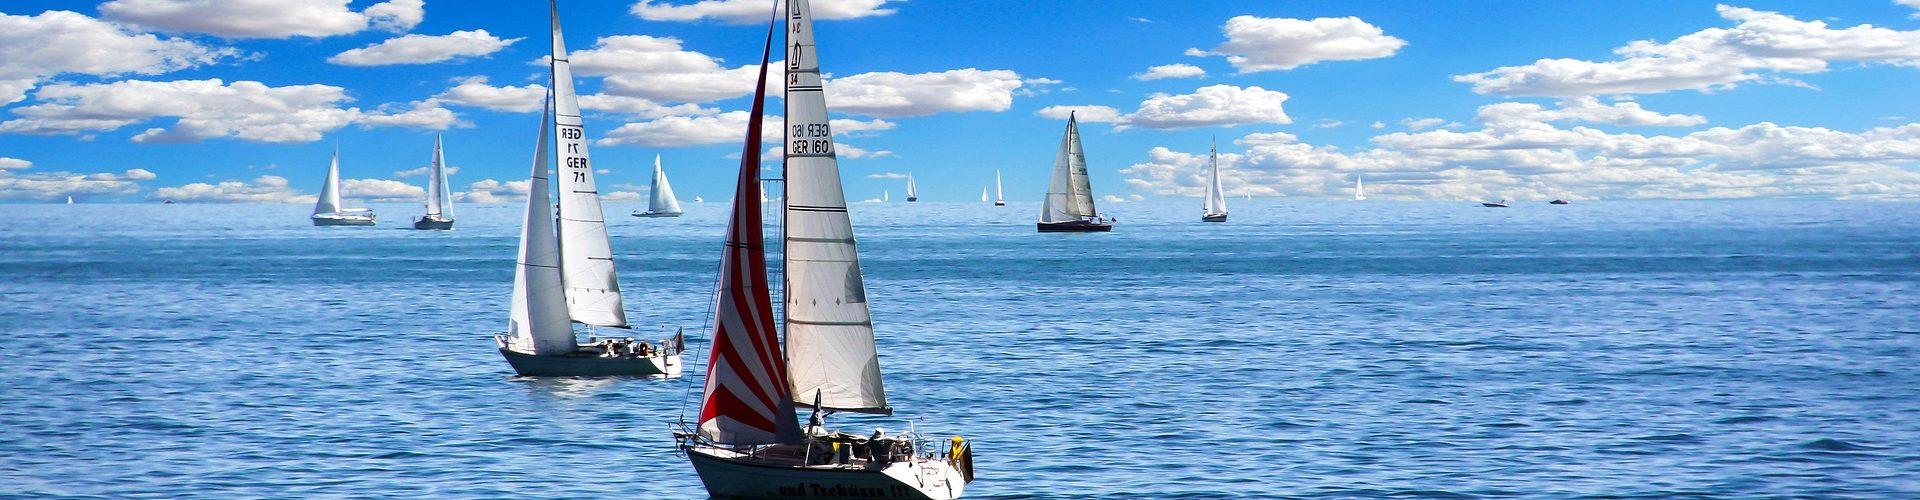 segeln lernen in Kleve segelschein machen in Kleve 1920x500 - Segeln lernen in Kleve